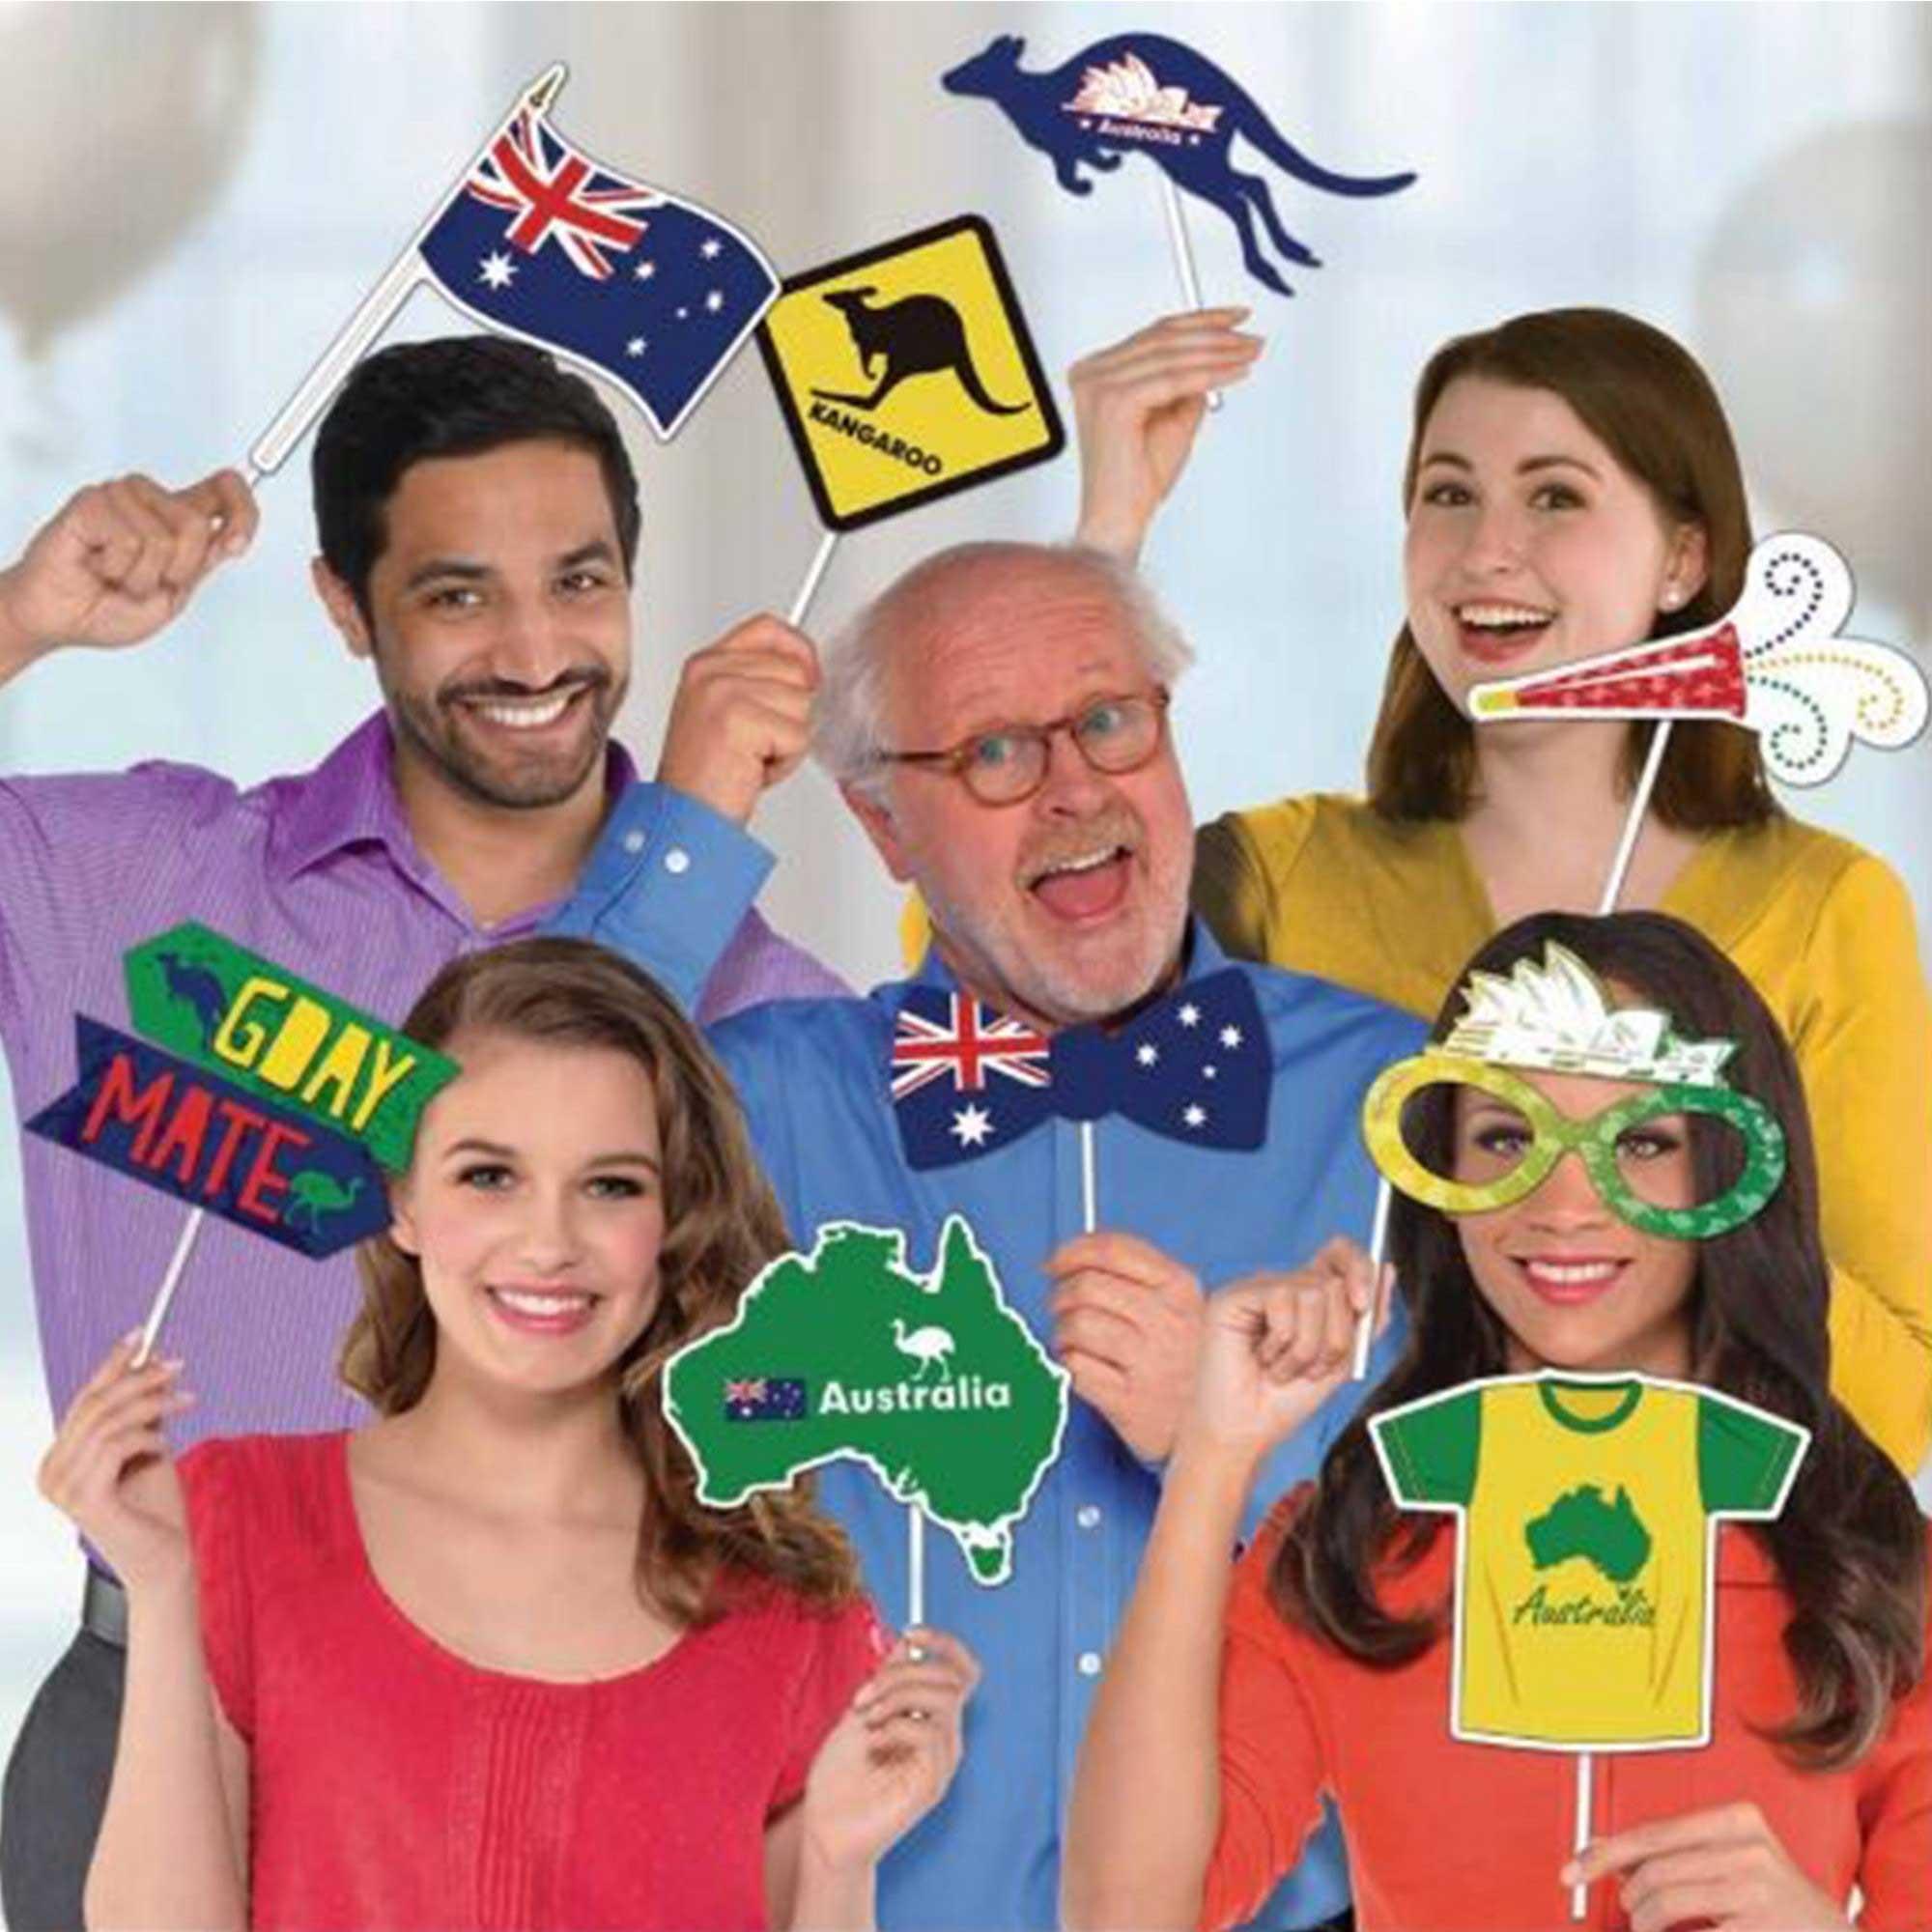 Australia Photo Props Kit